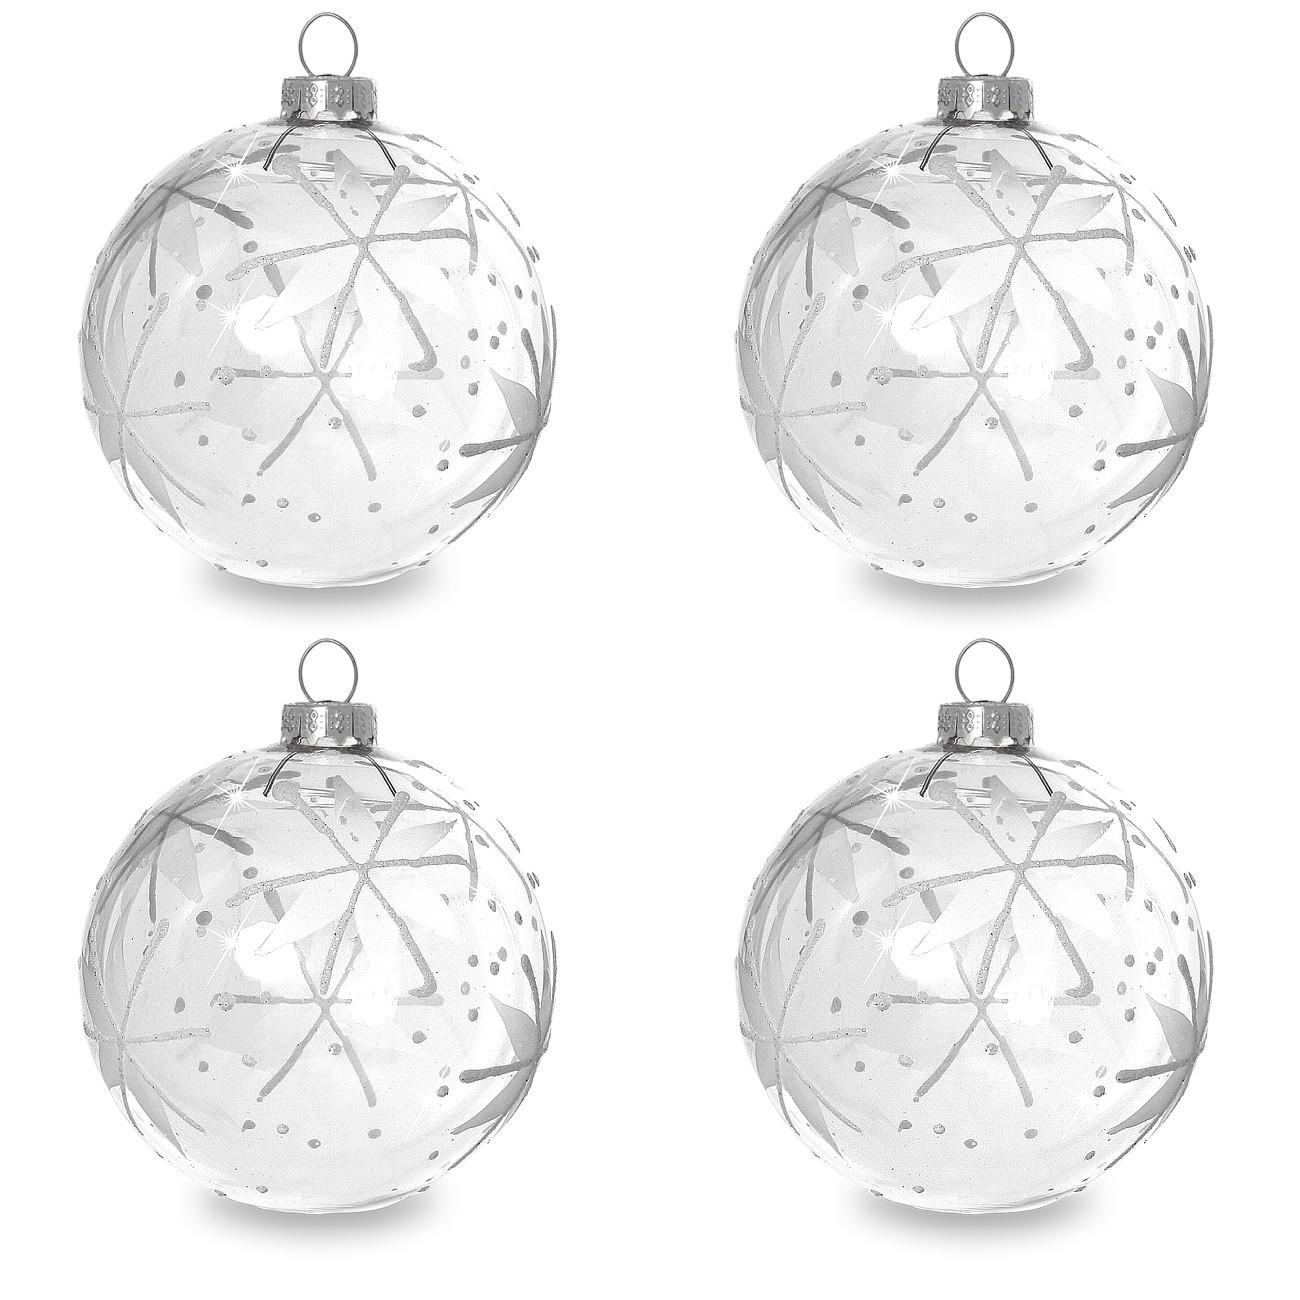 sikora christbaumkugeln aus glas mit klassischer verzierung stary night klar glar 4er set. Black Bedroom Furniture Sets. Home Design Ideas